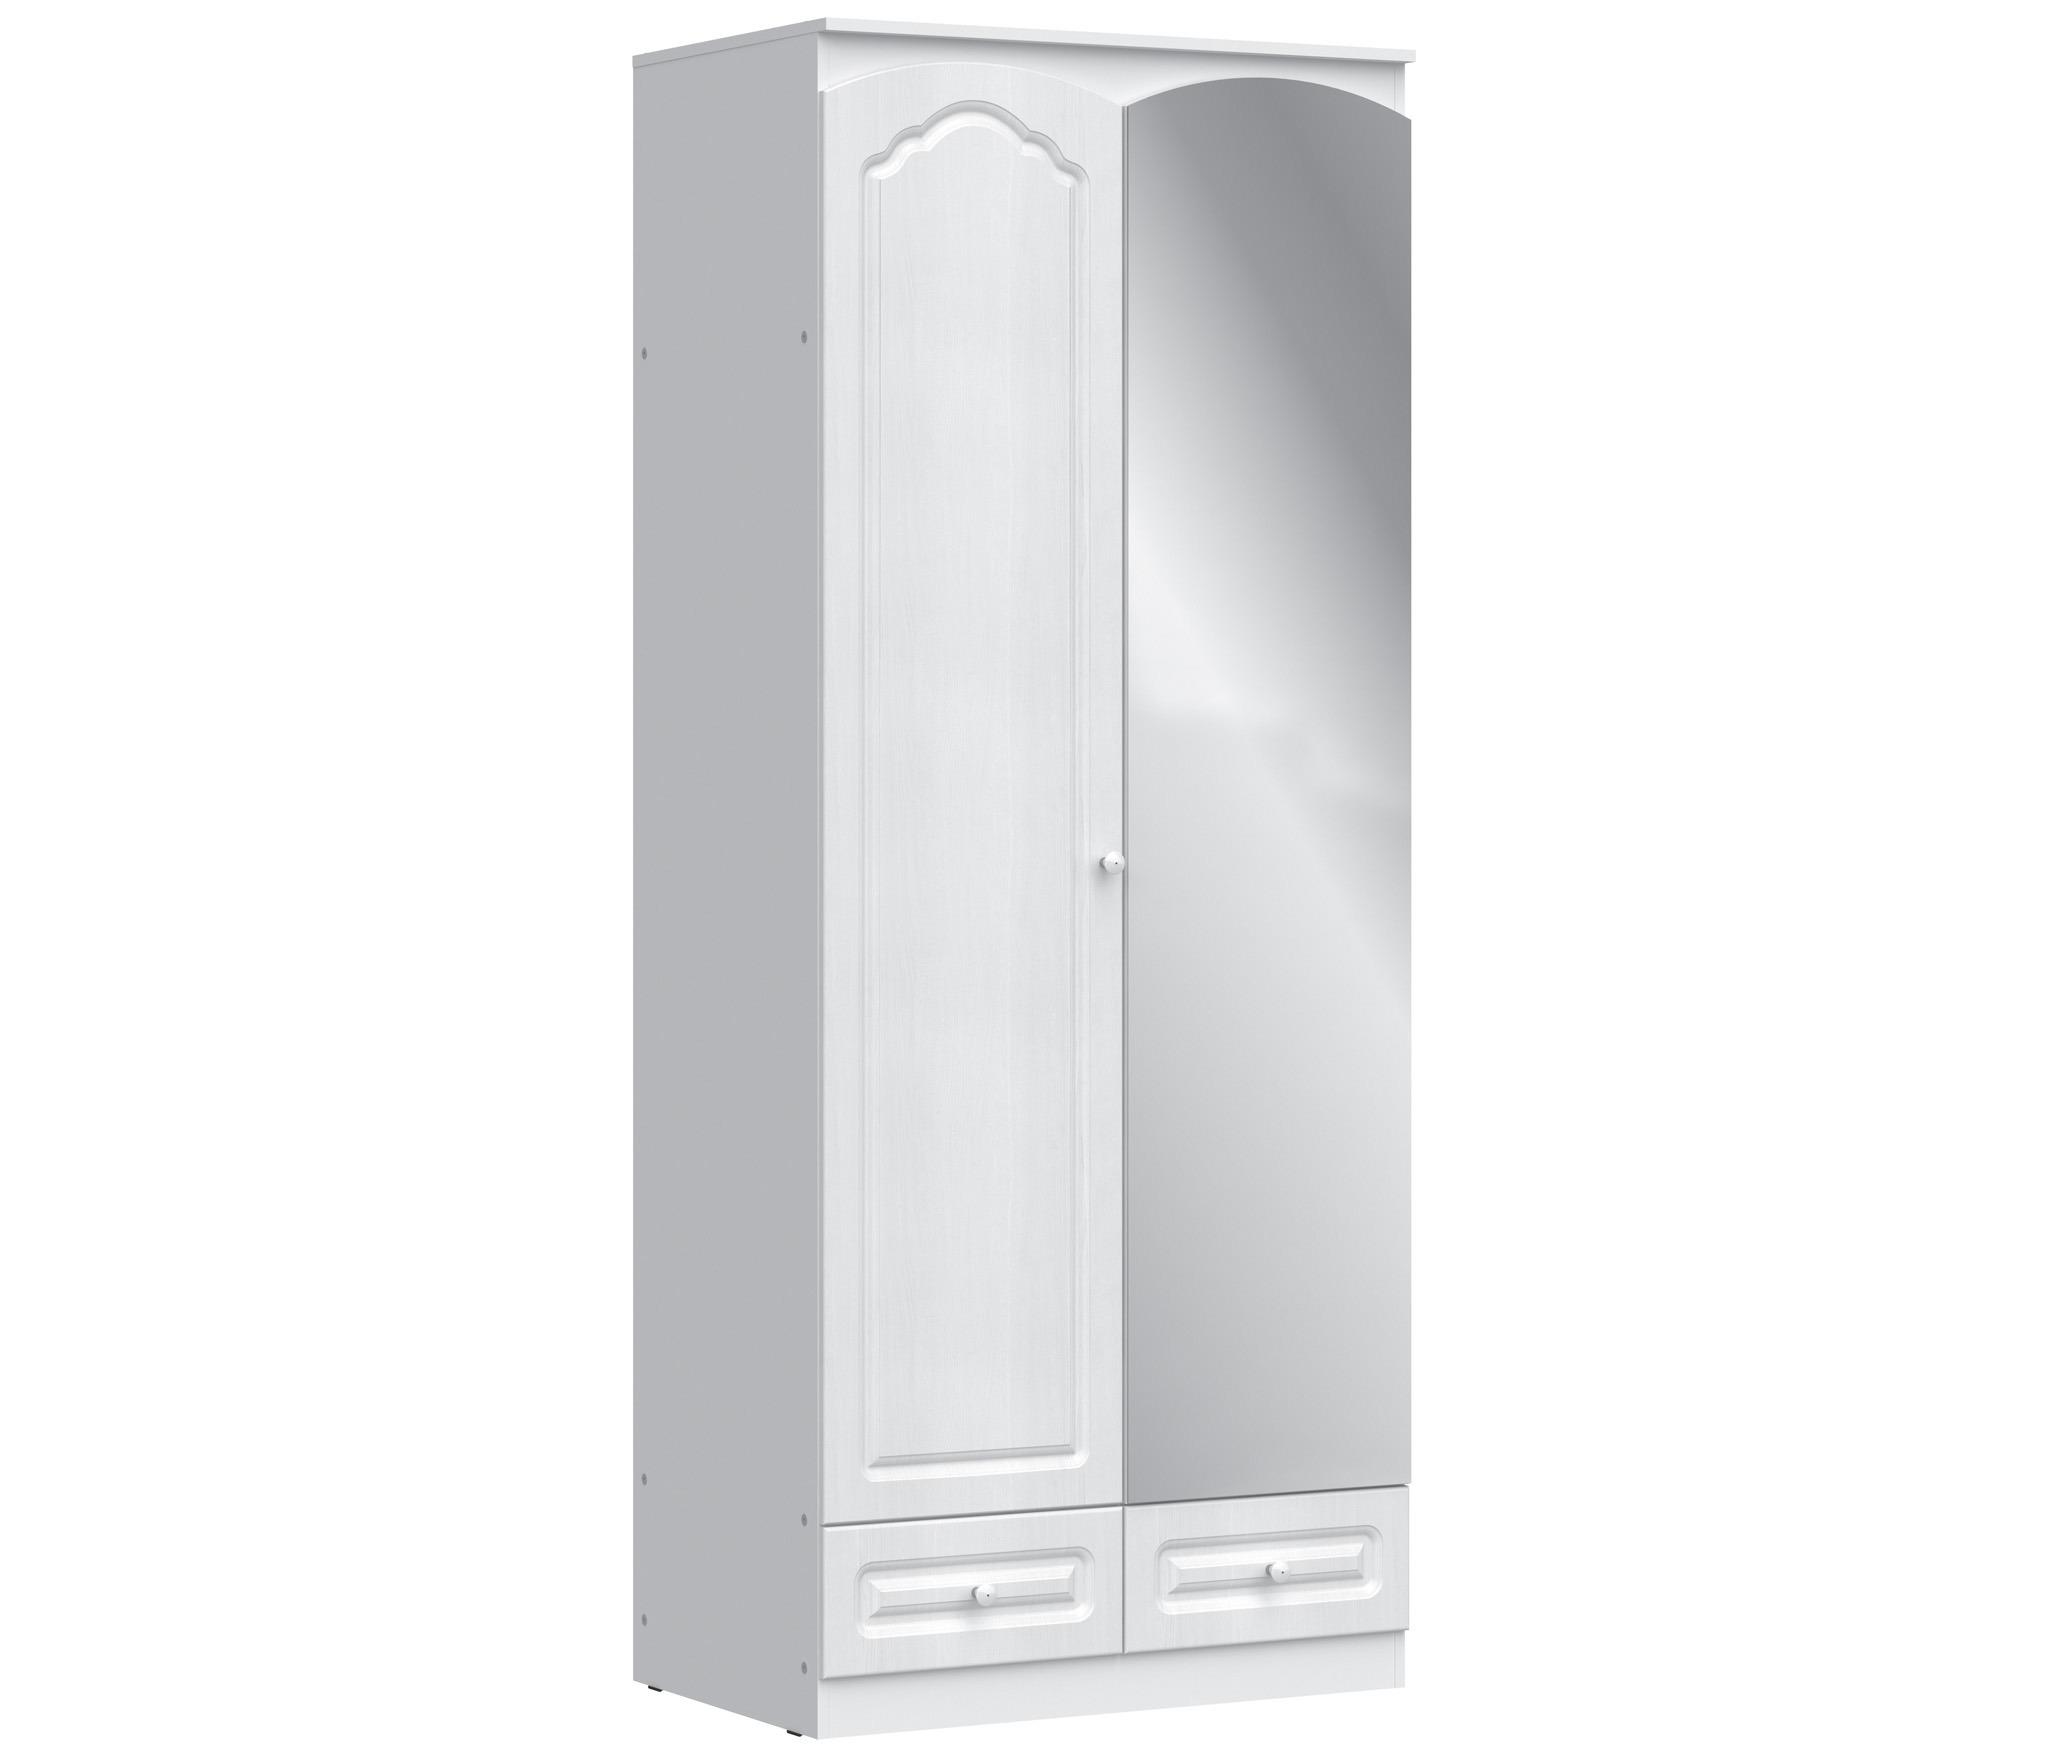 Амалия СБ-990 Шкаф 2-х дверный с зеркалом ПравыйШкафы<br>Стильный двухдверный платяной шкаф.<br><br>Длина мм: 900<br>Высота мм: 2229<br>Глубина мм: 584